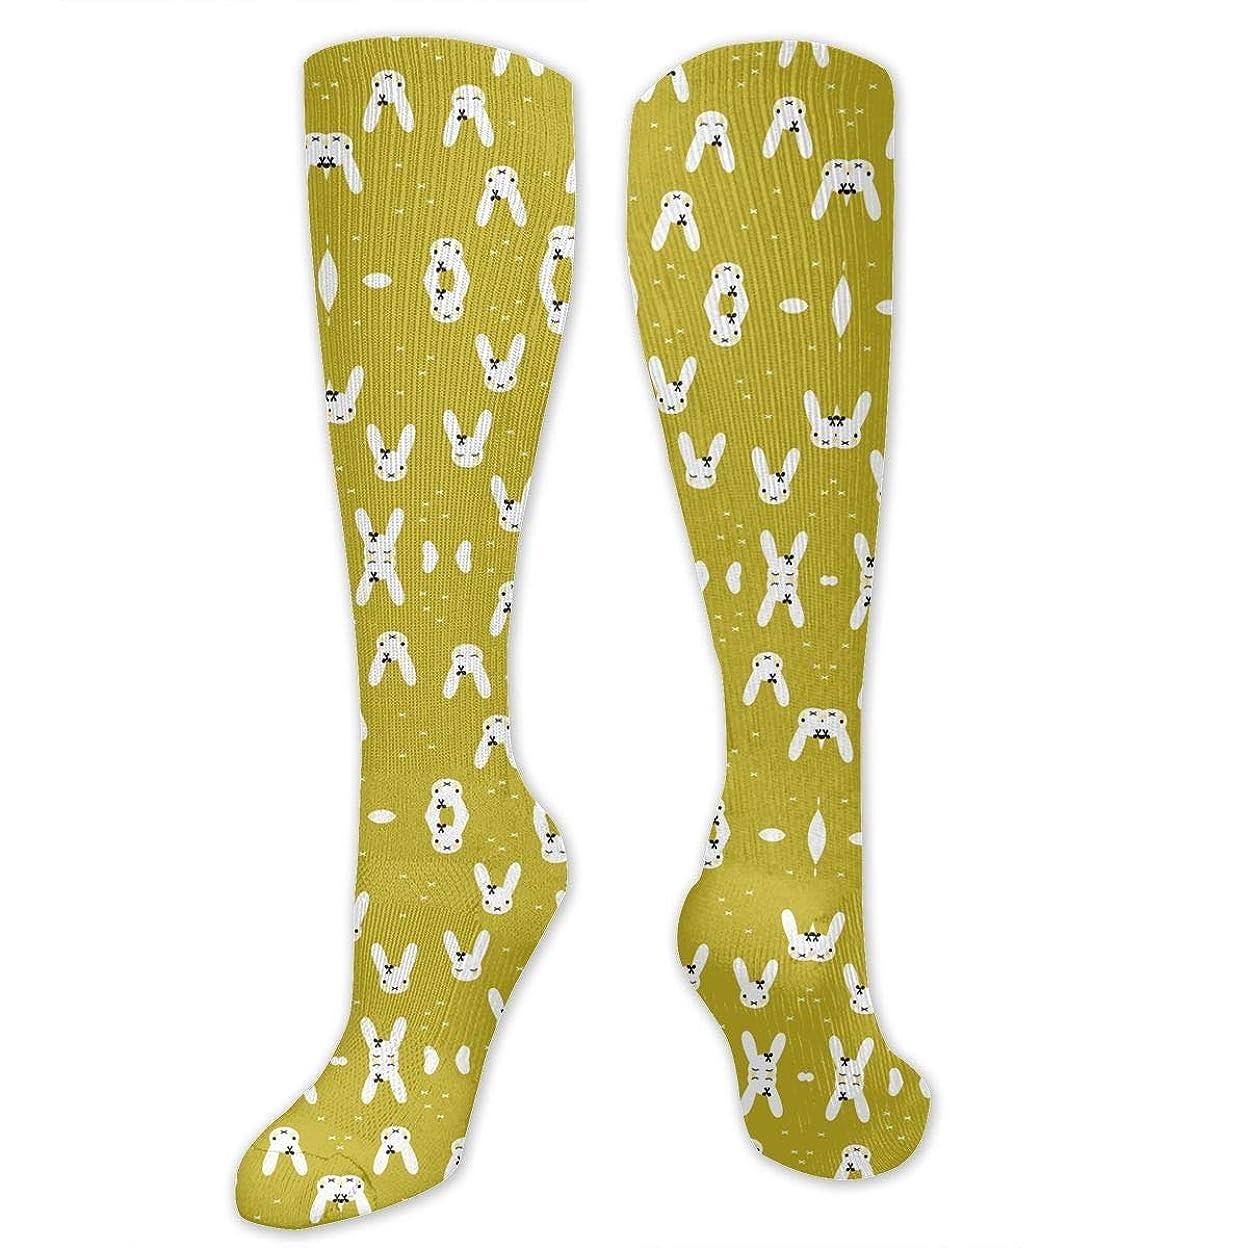 安西一月朝食を食べる靴下,ストッキング,野生のジョーカー,実際,秋の本質,冬必須,サマーウェア&RBXAA Cute Spring Bunny Socks Women's Winter Cotton Long Tube Socks Cotton Solid & Patterned Dress Socks